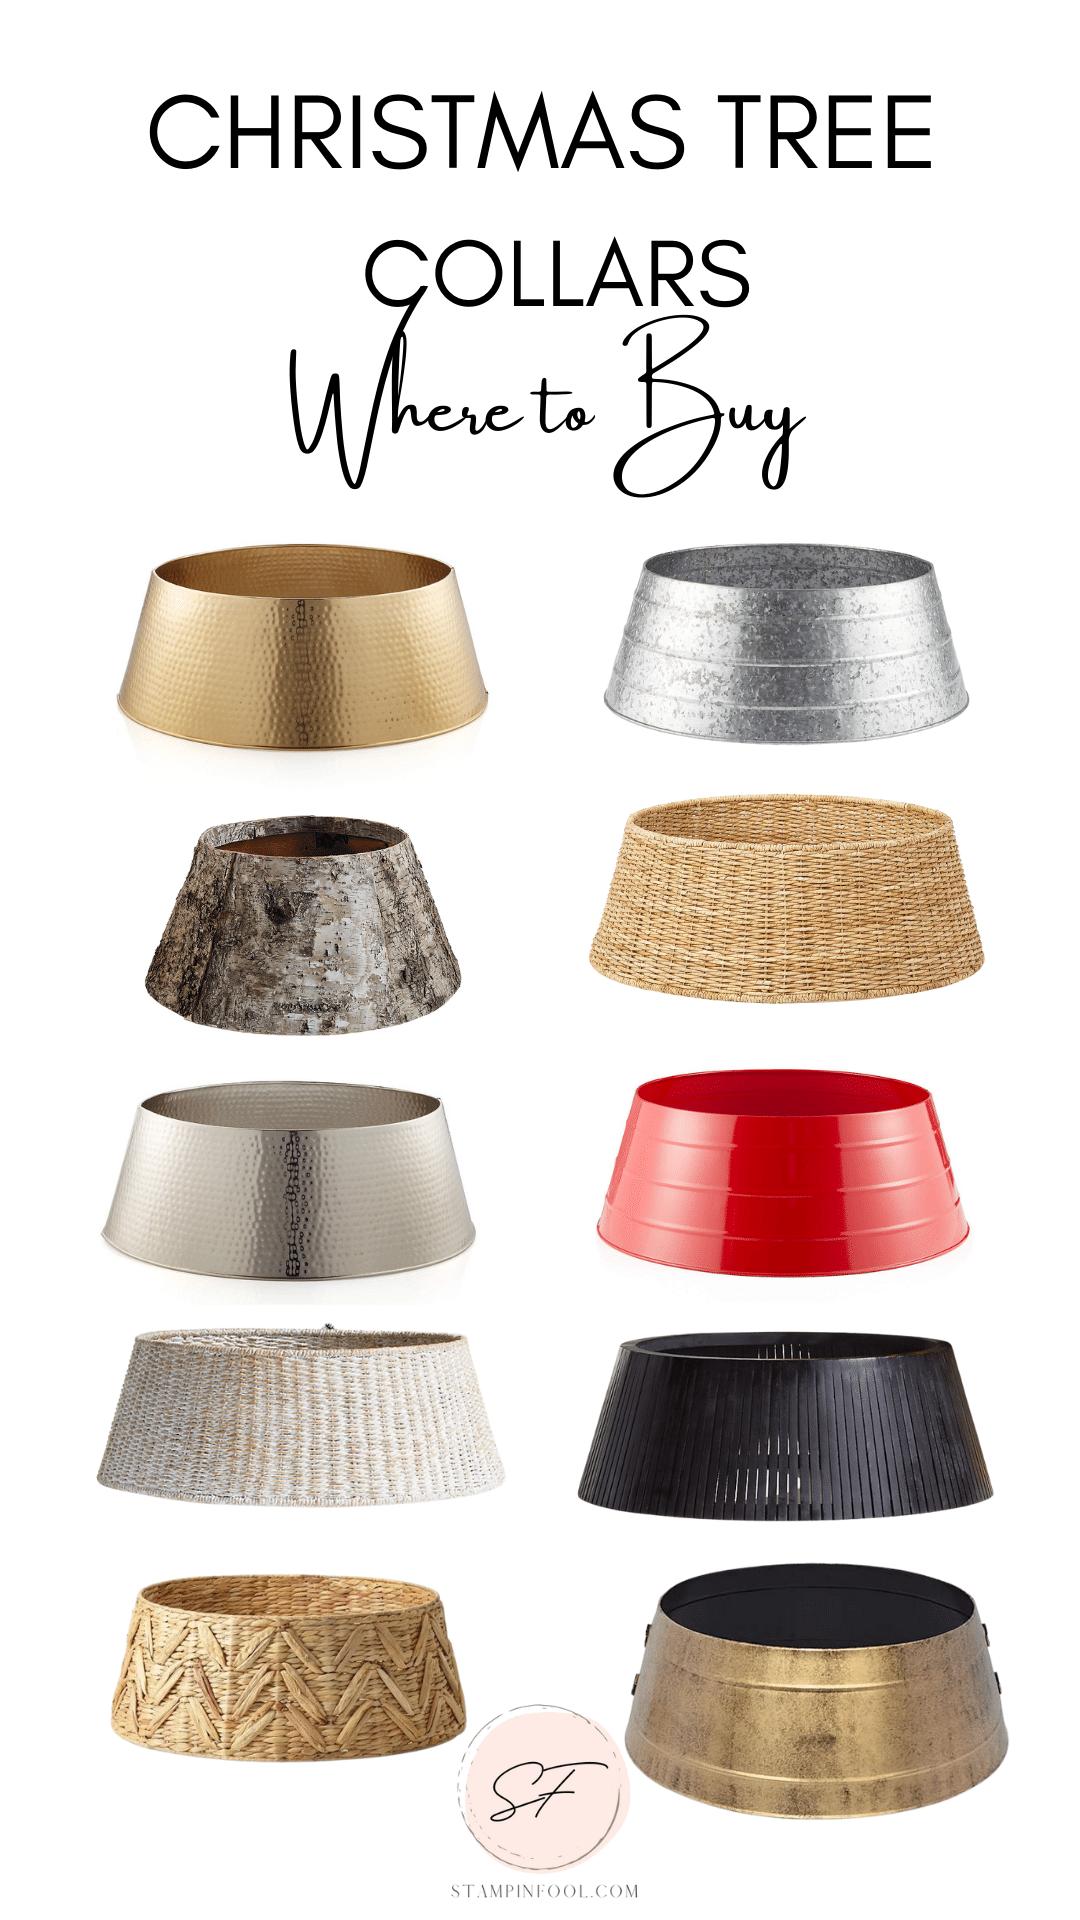 Where to buy christmas tree collars and tree skirts